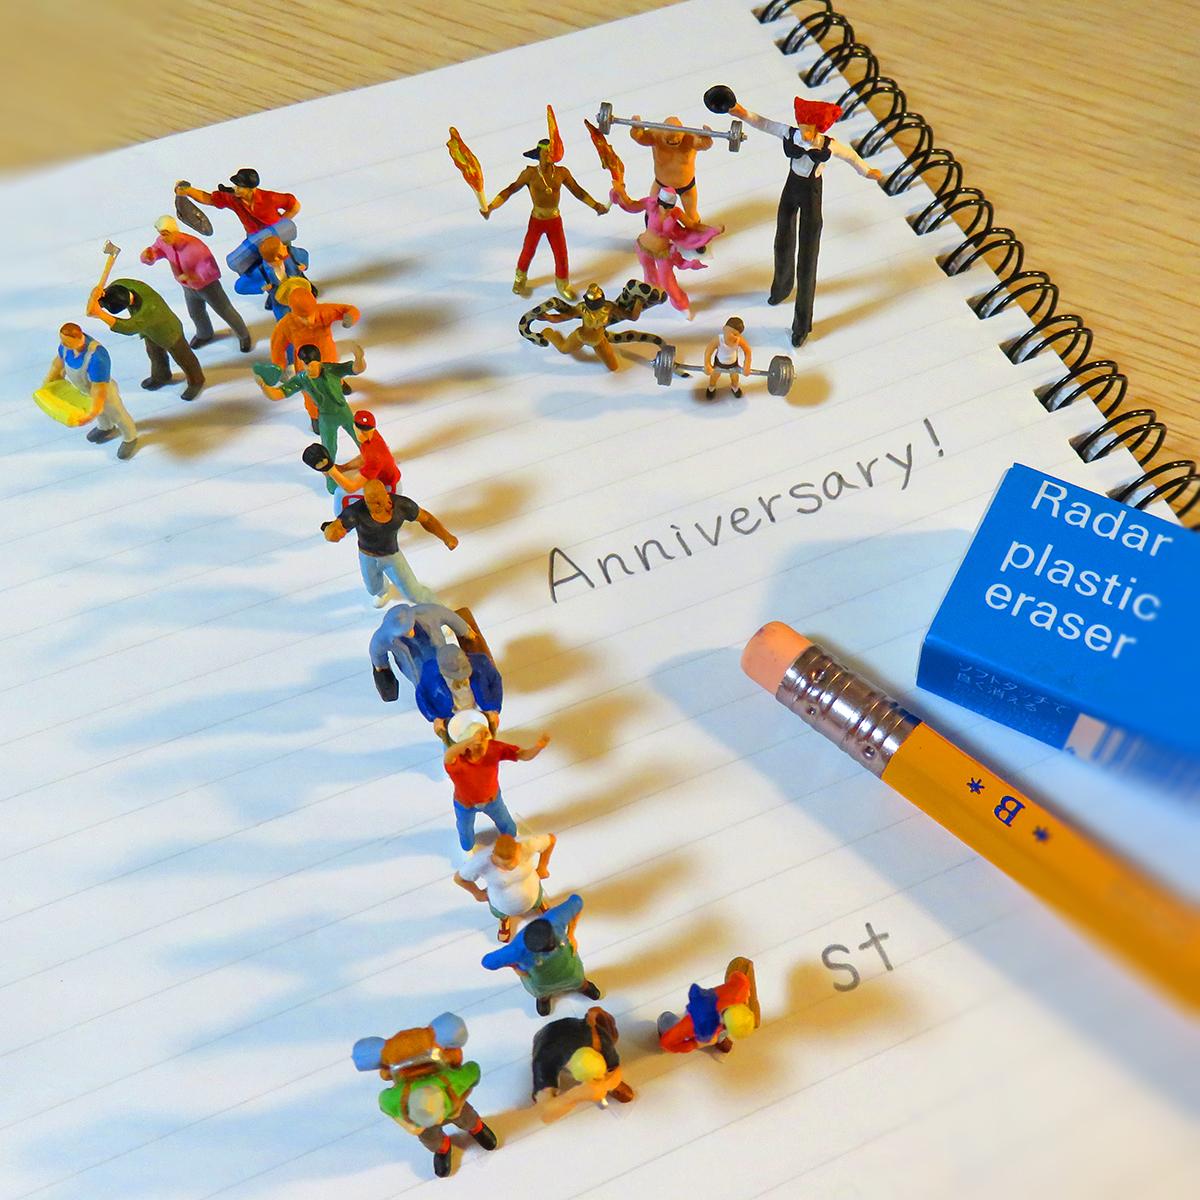 9月22日でミニチュアジオラマ活動が1年経ちました!ありがとうございまッス!